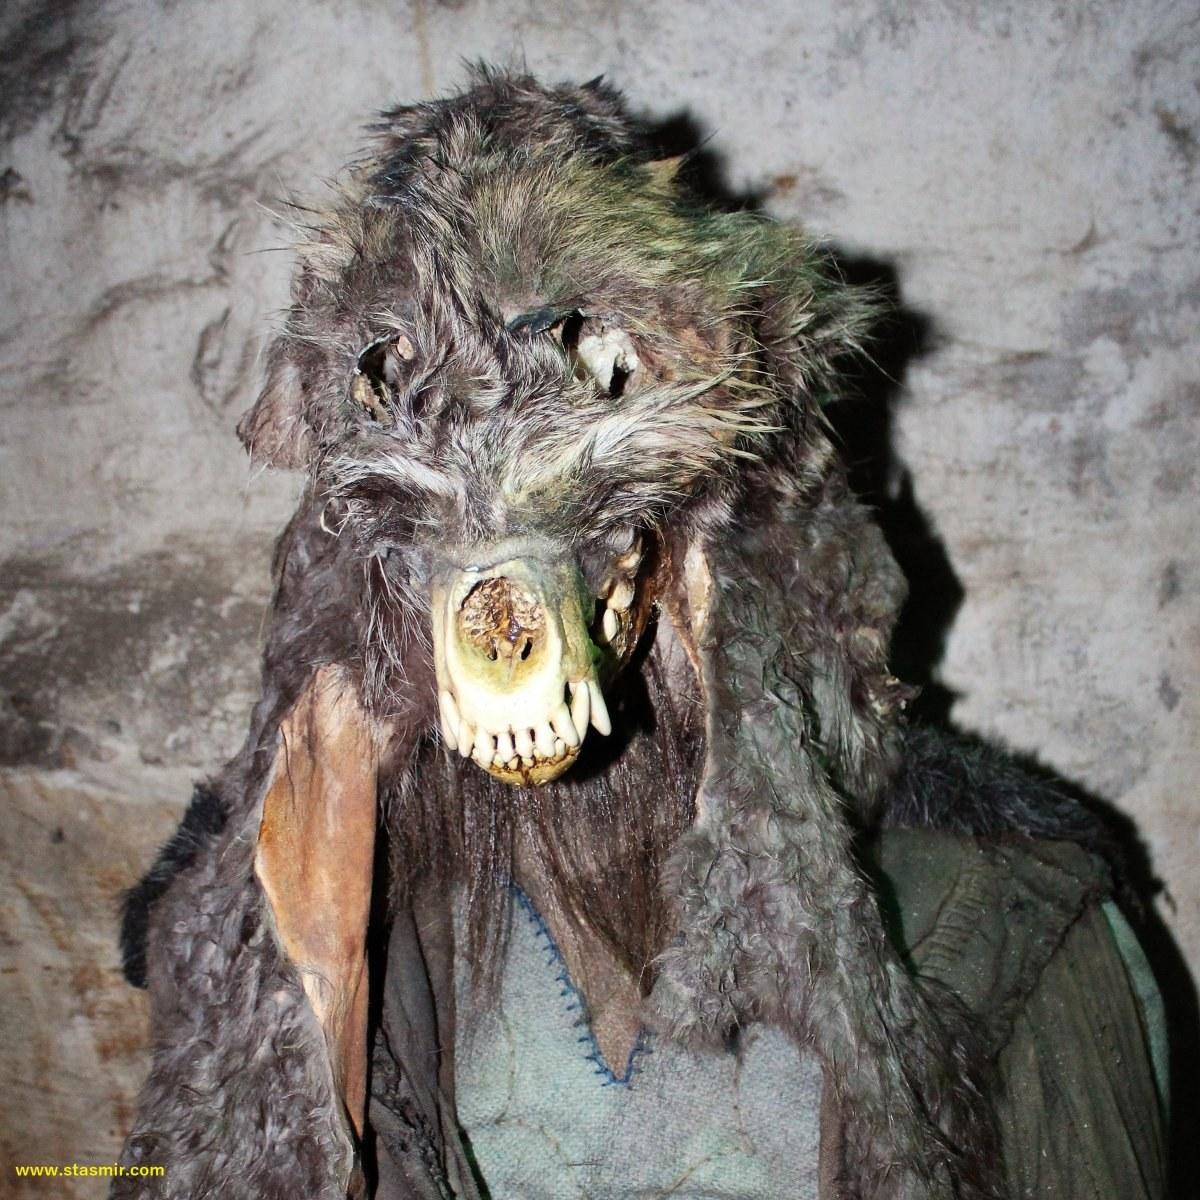 Великий Шаман из Боргарнеса, фото Стасмир, photo Stasmir